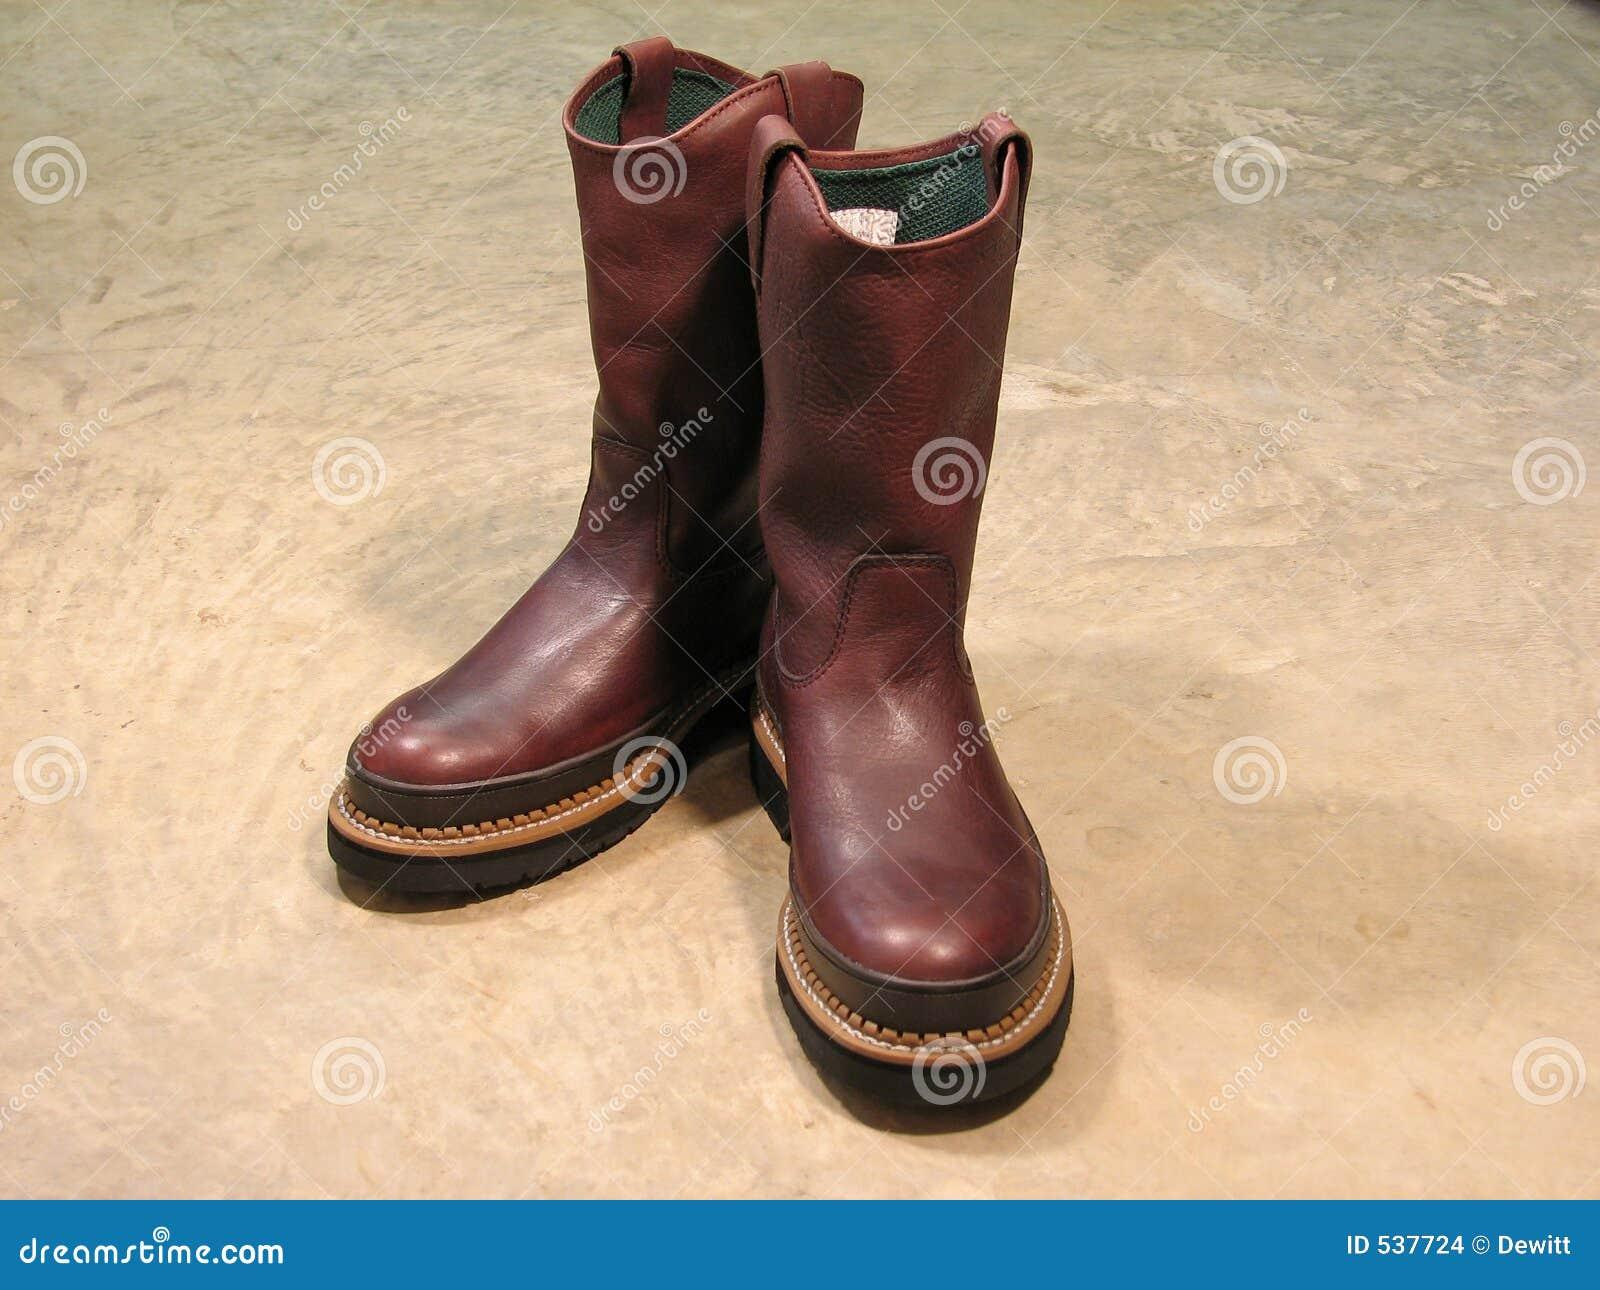 Download 启动对 库存照片. 图片 包括有 皮革, browne, 清单, 工作, 安全性, 惠灵顿, 脚趾, 鞋类, 痛饮 - 537724